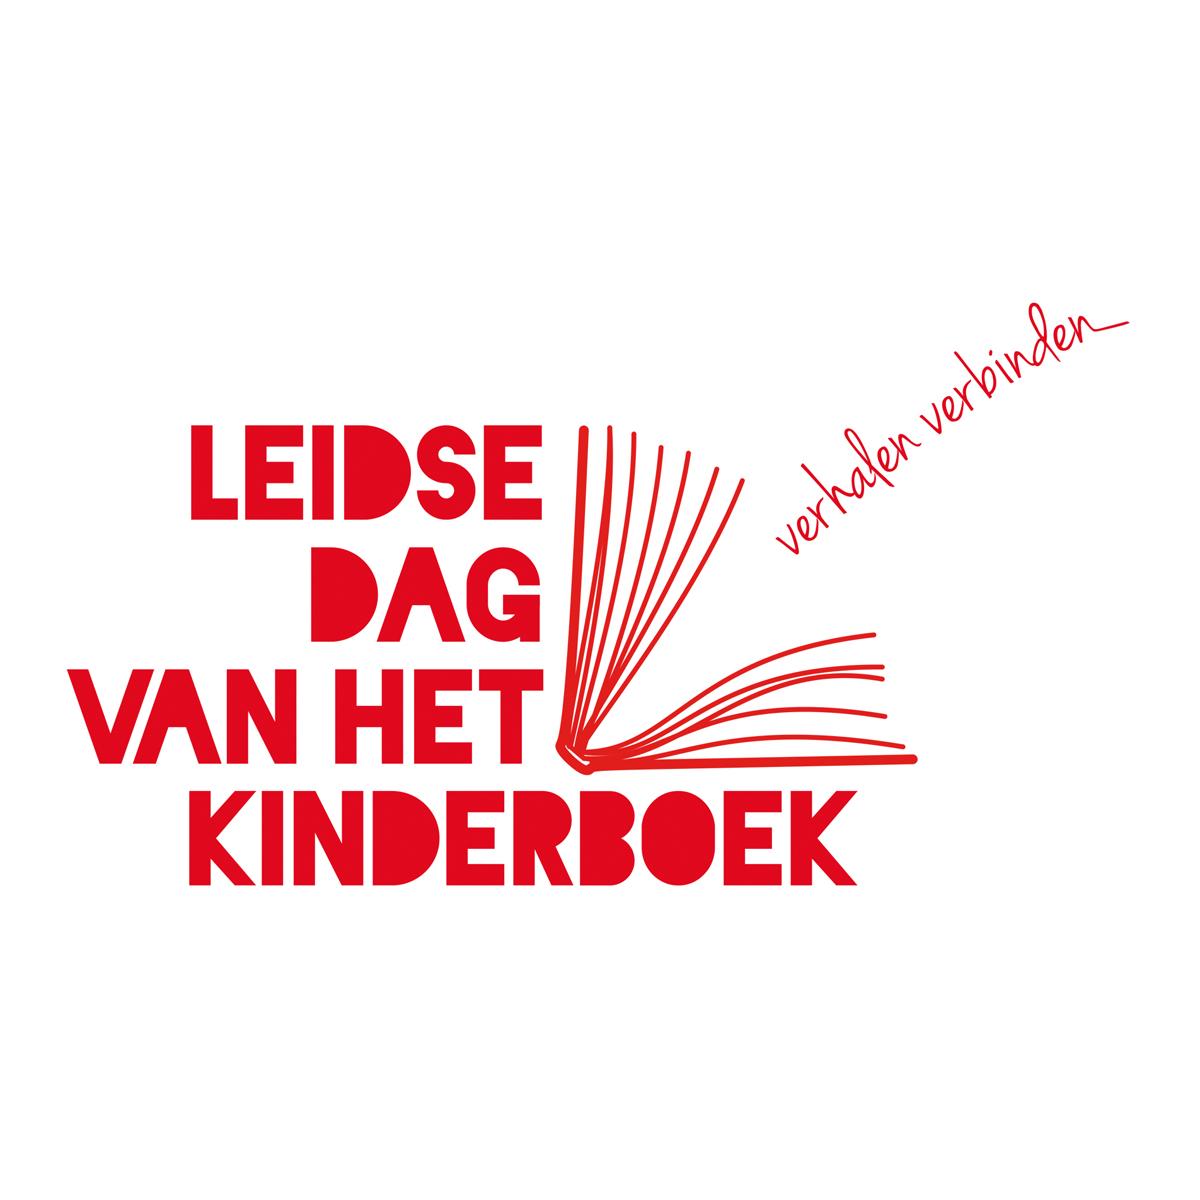 Leidse Dag van het Kinderboek - Logo